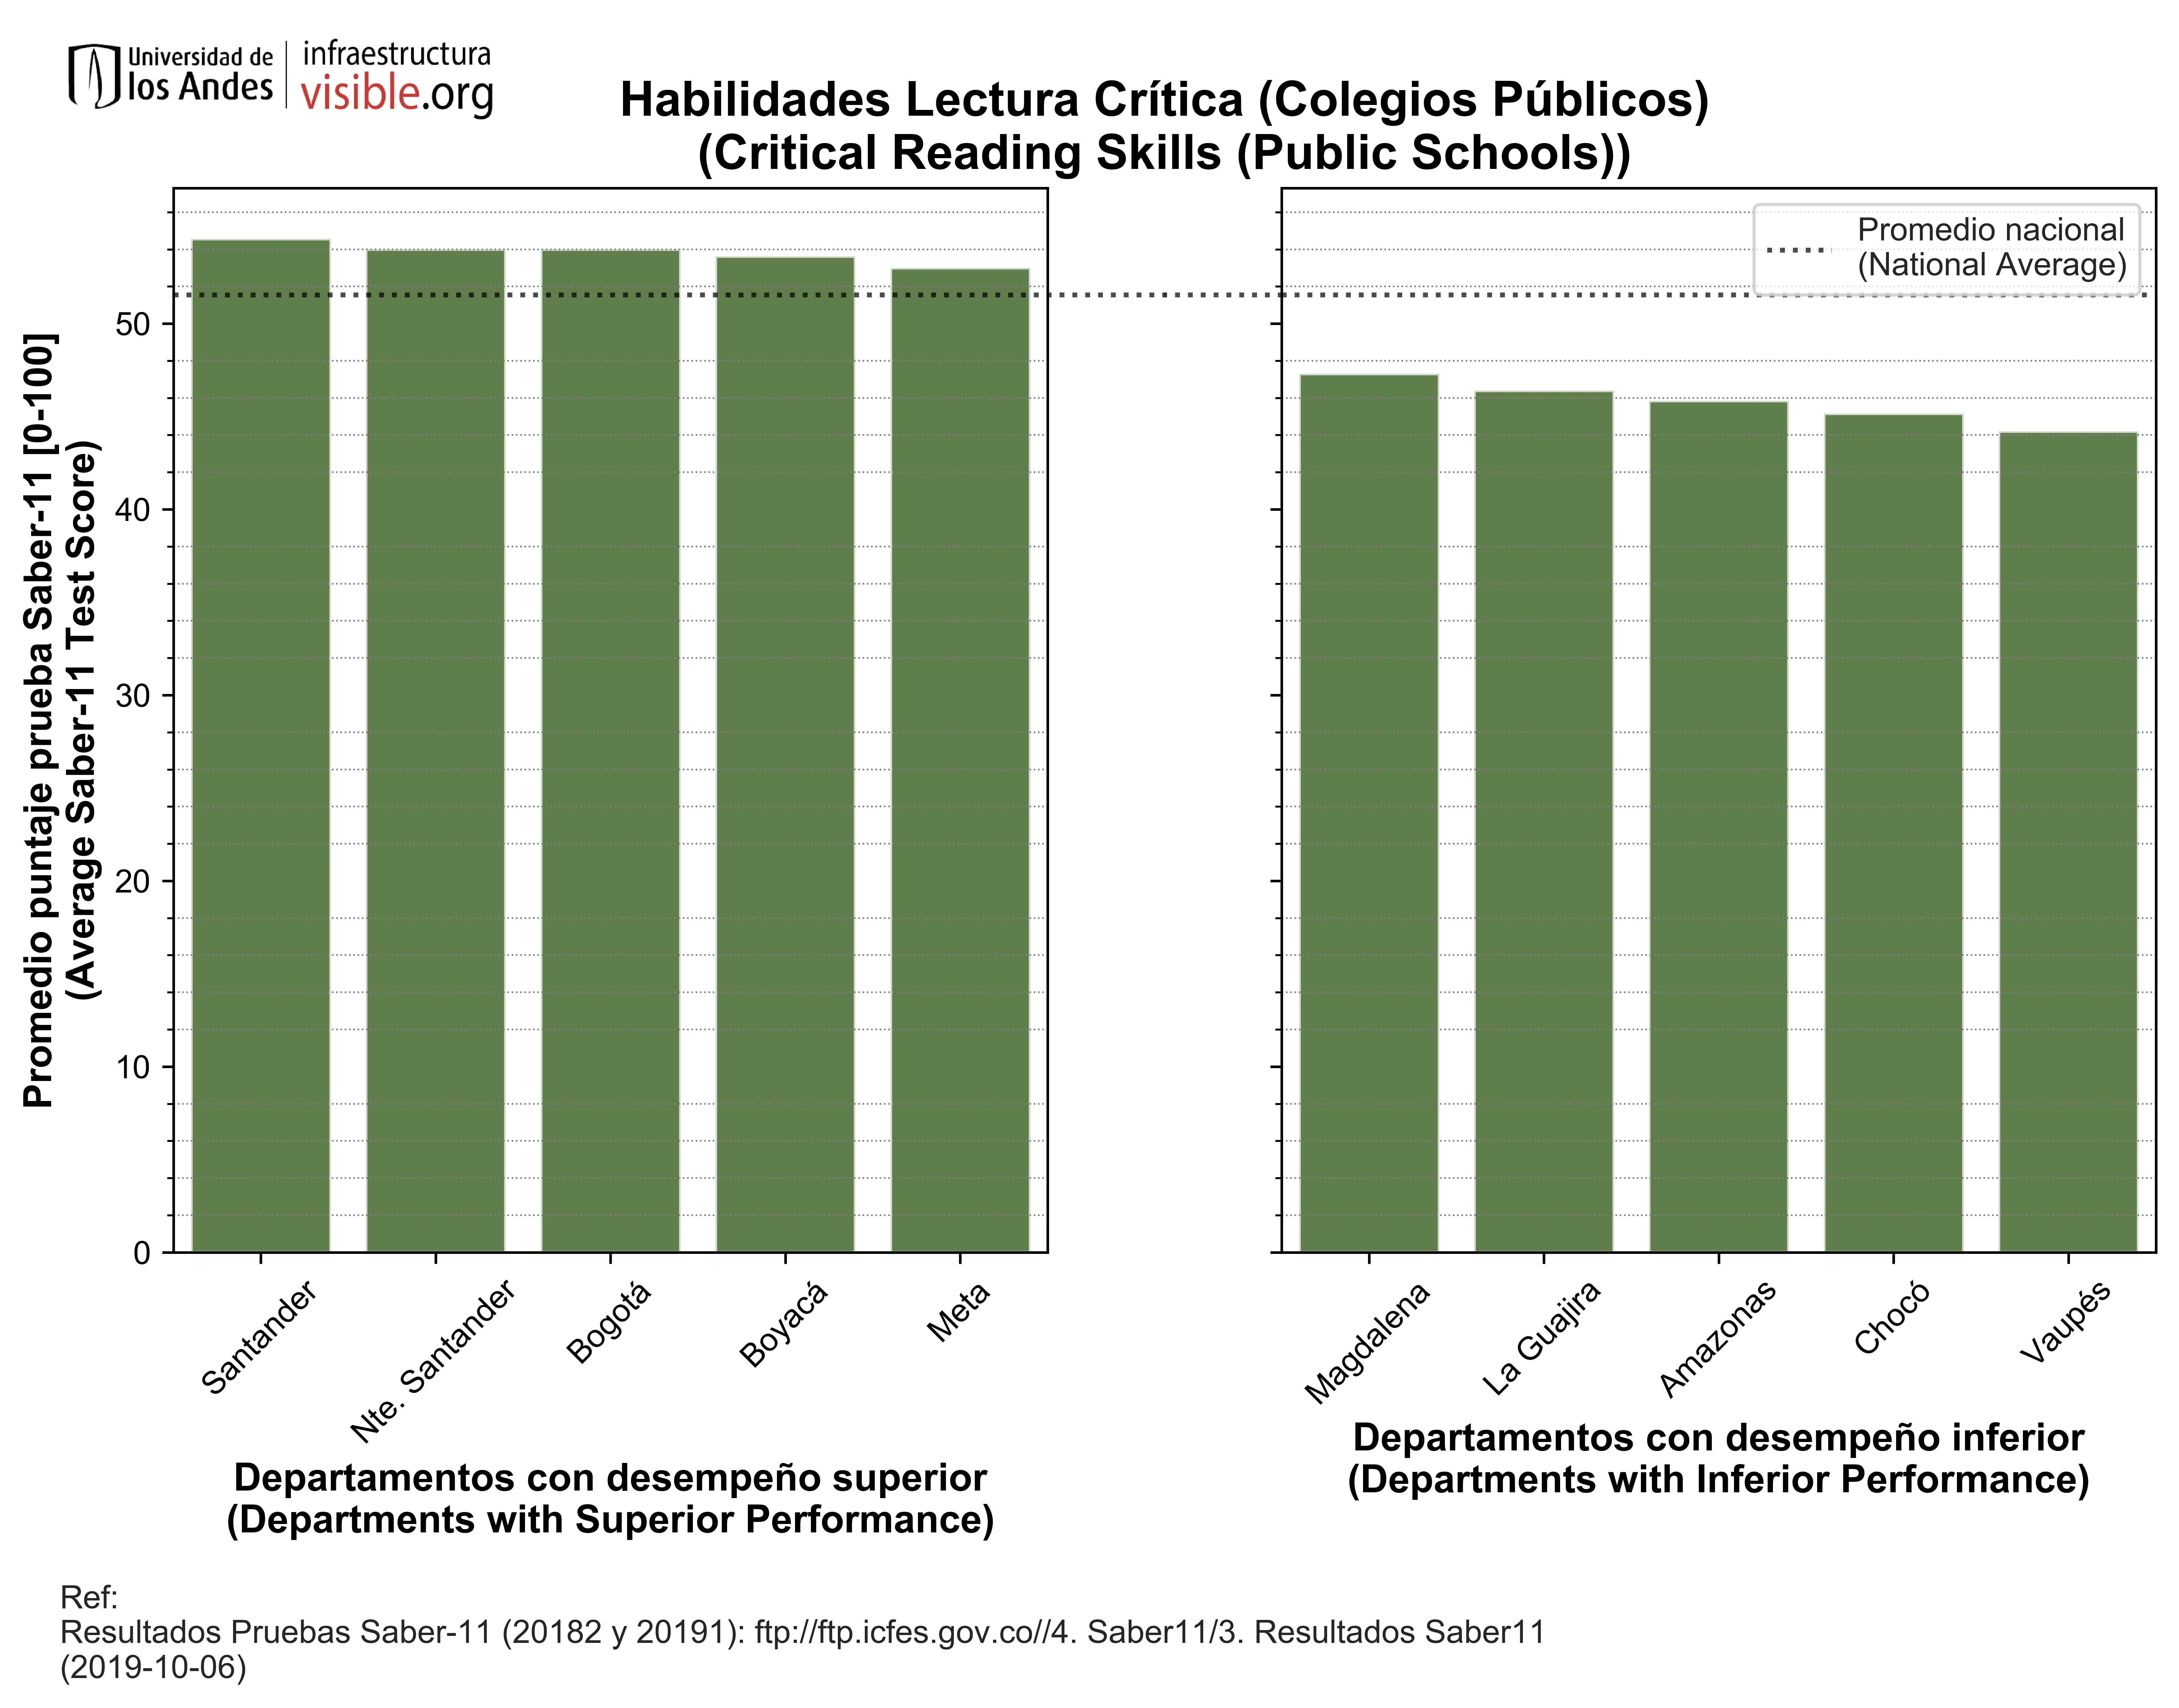 Habilidades Lectura Crítica (Colegios Públicos)